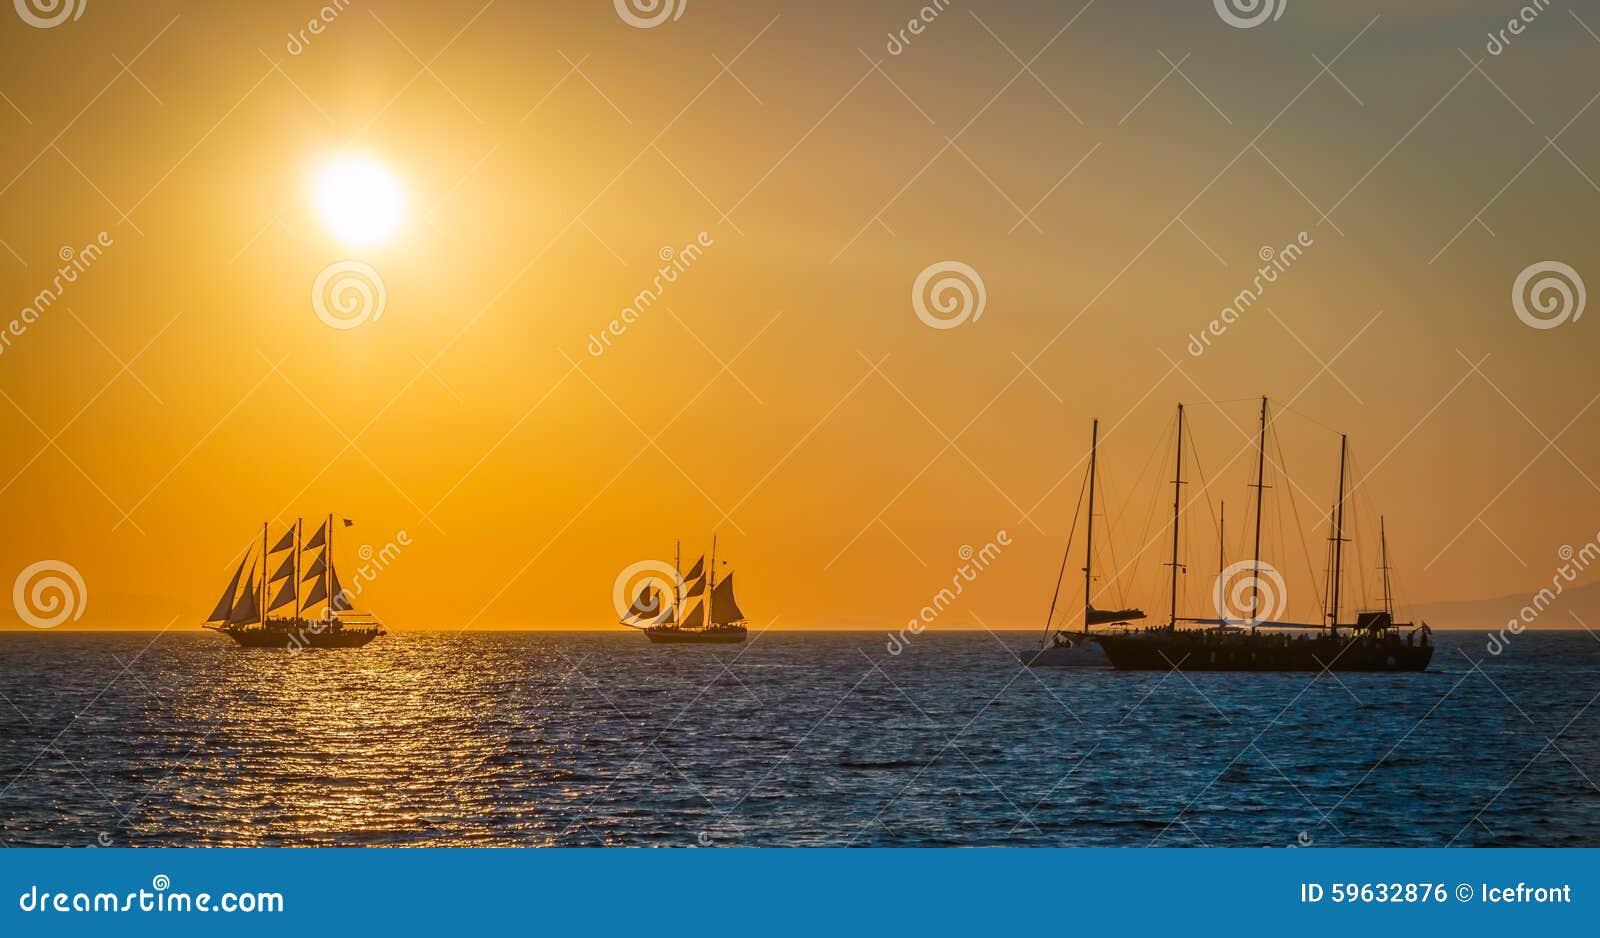 Segelschiffe auf dem meer  Segelschiffe Auf Dem Meer Im Sonnenuntergang Stockfoto - Bild von ...